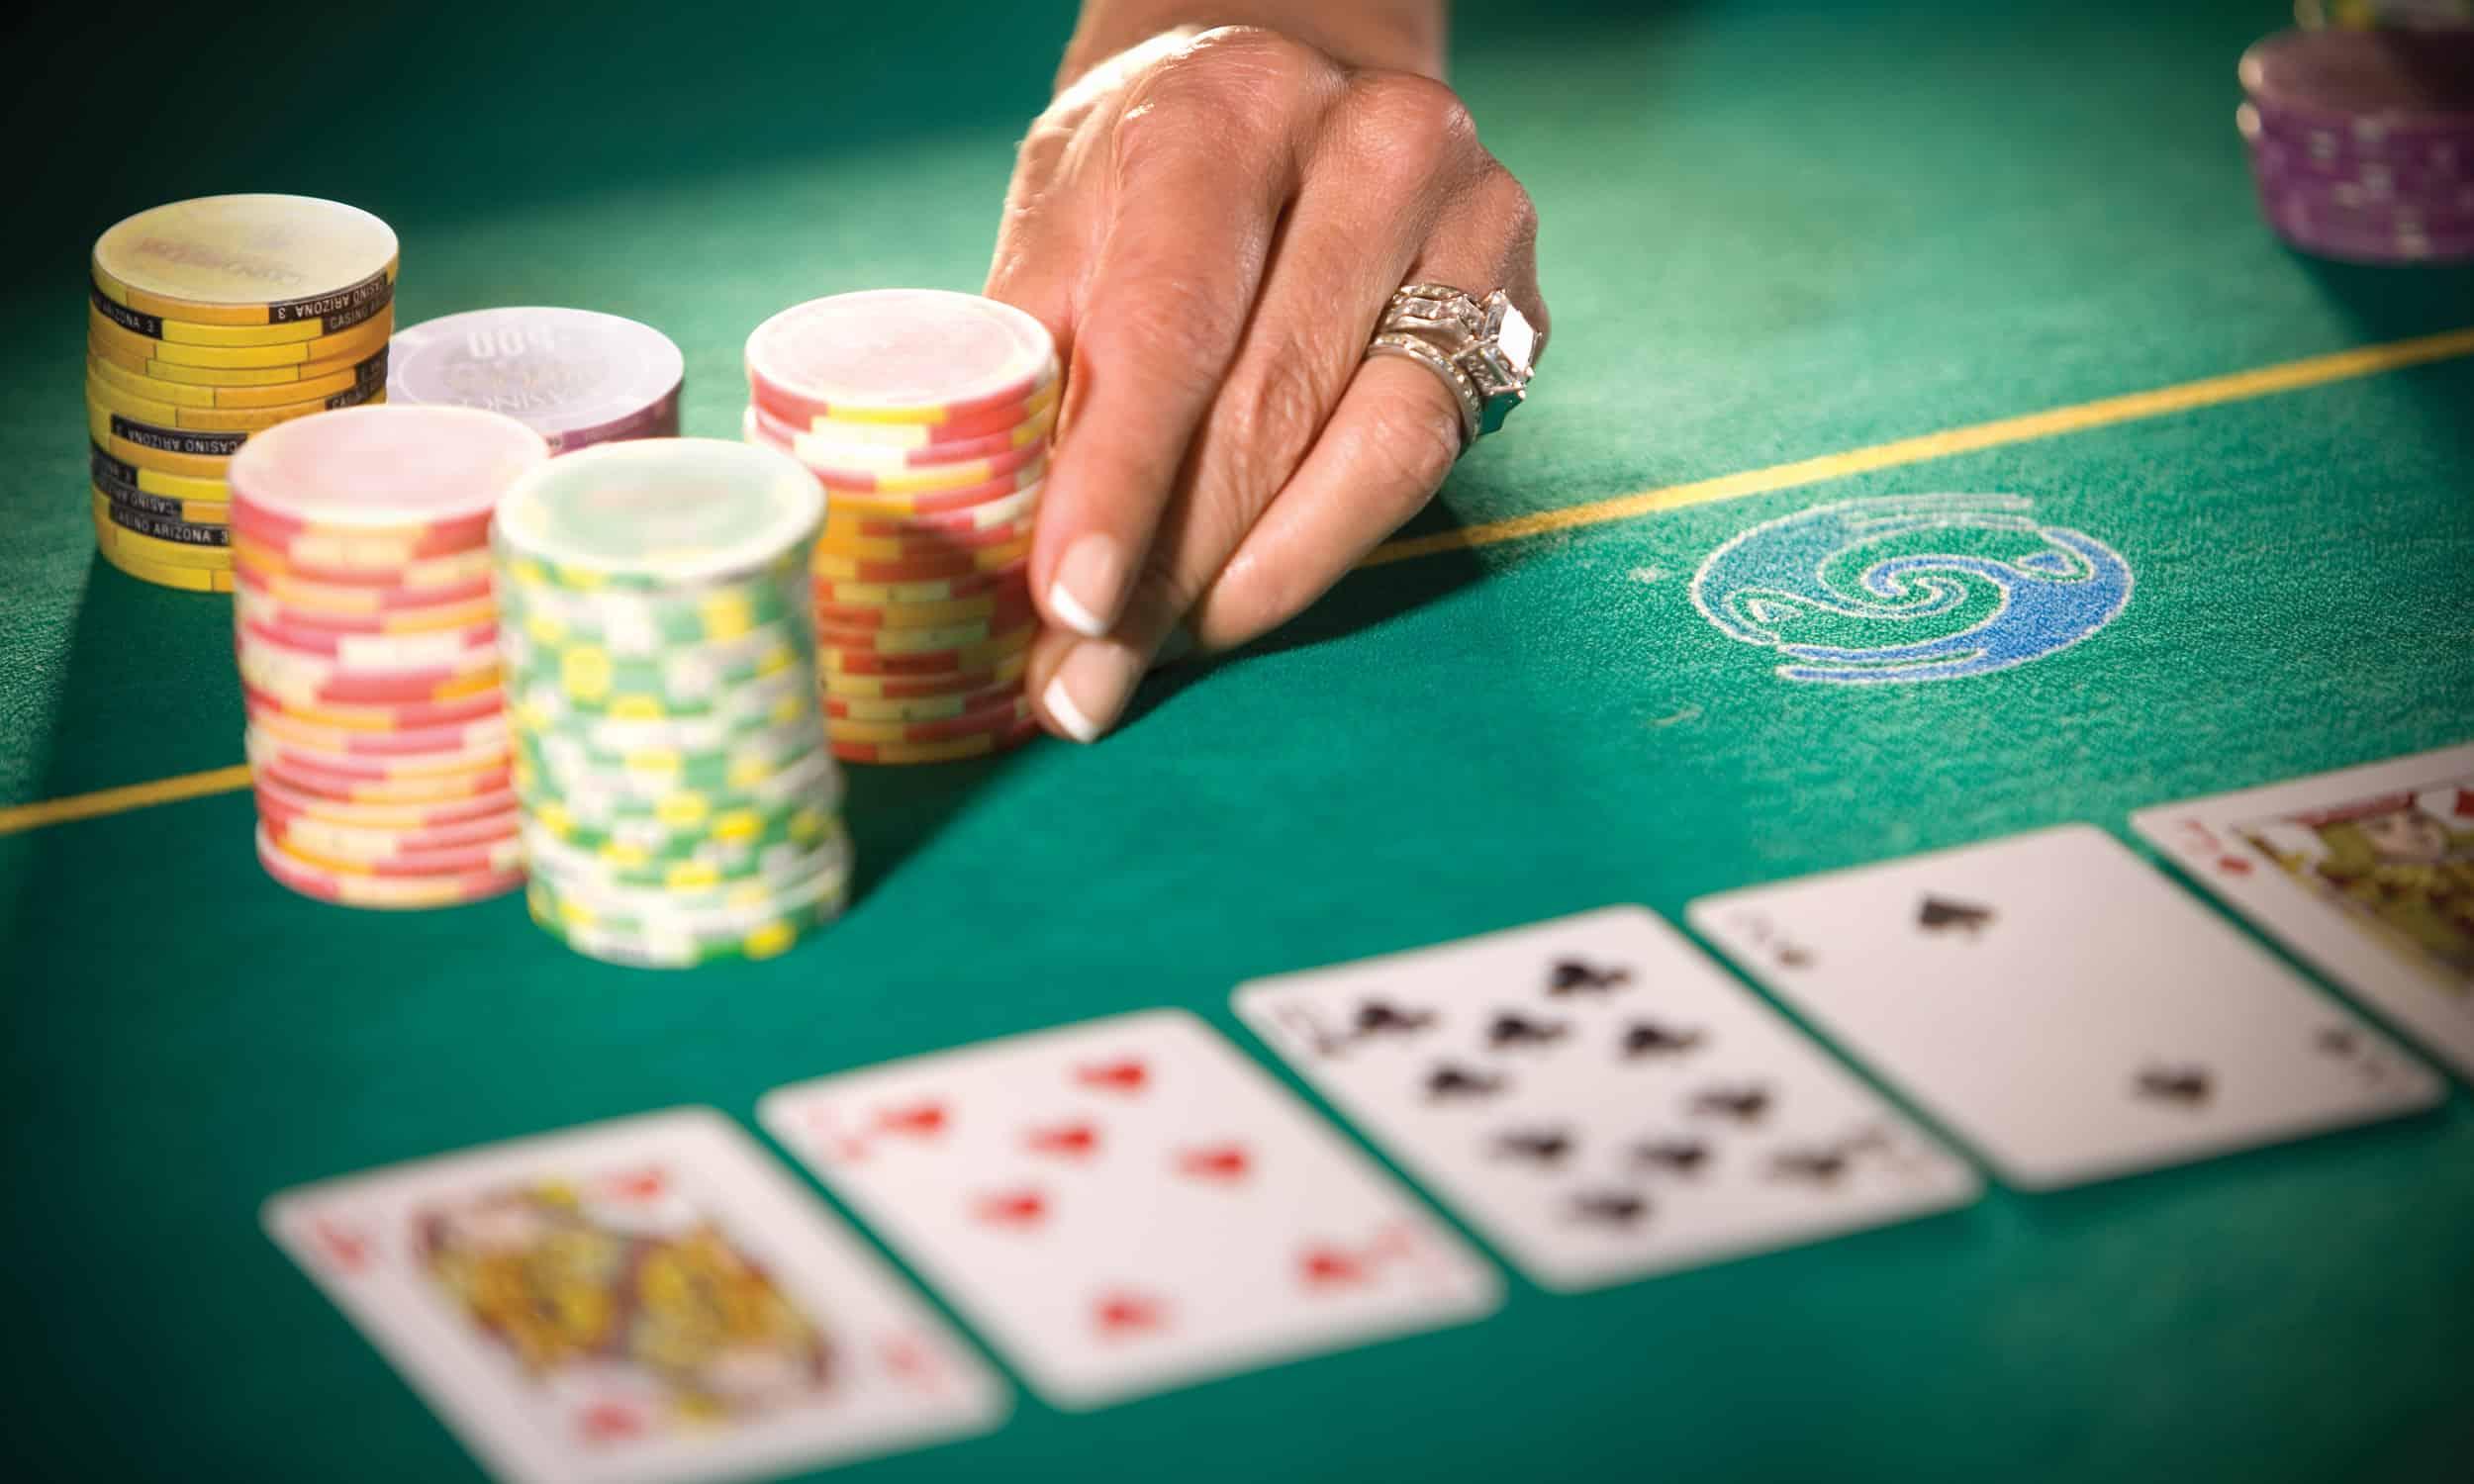 Migliore App Poker da giocare con soldi veri